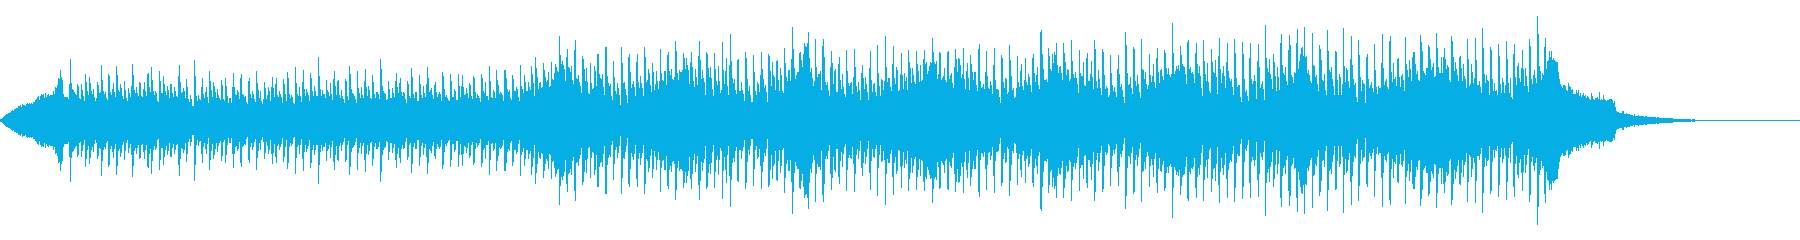 人気のある電子機器 未来の技術 企...の再生済みの波形